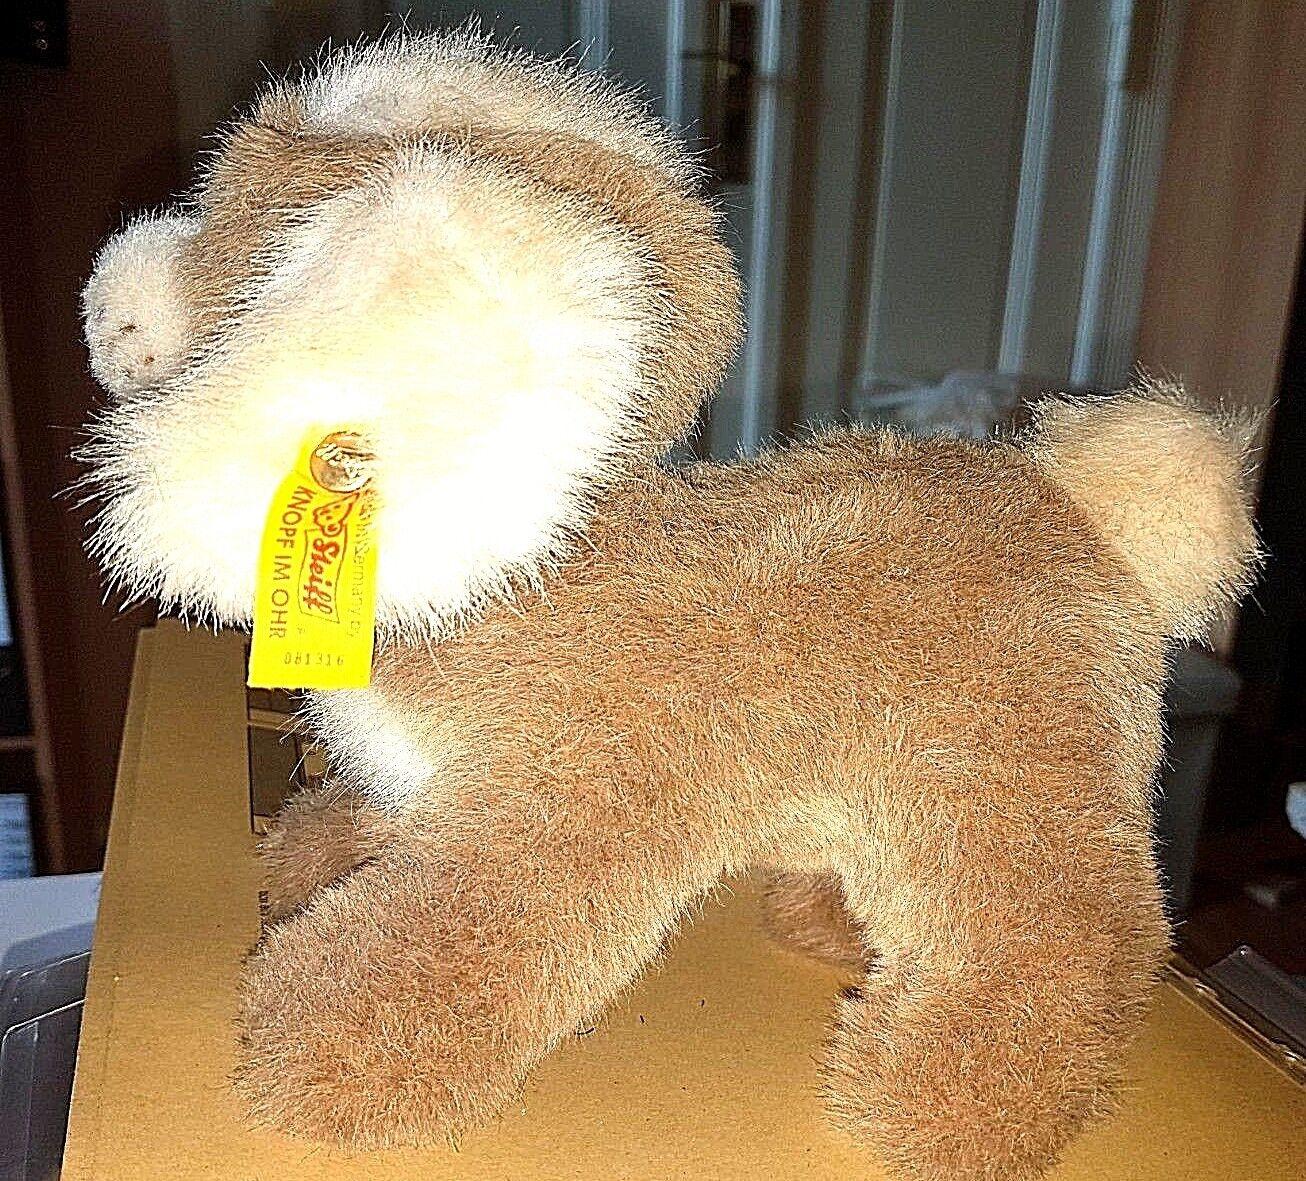 Steiff 081316 - Hund Drolly 22 cm mehrfarbig KFS mit Schleife TOP